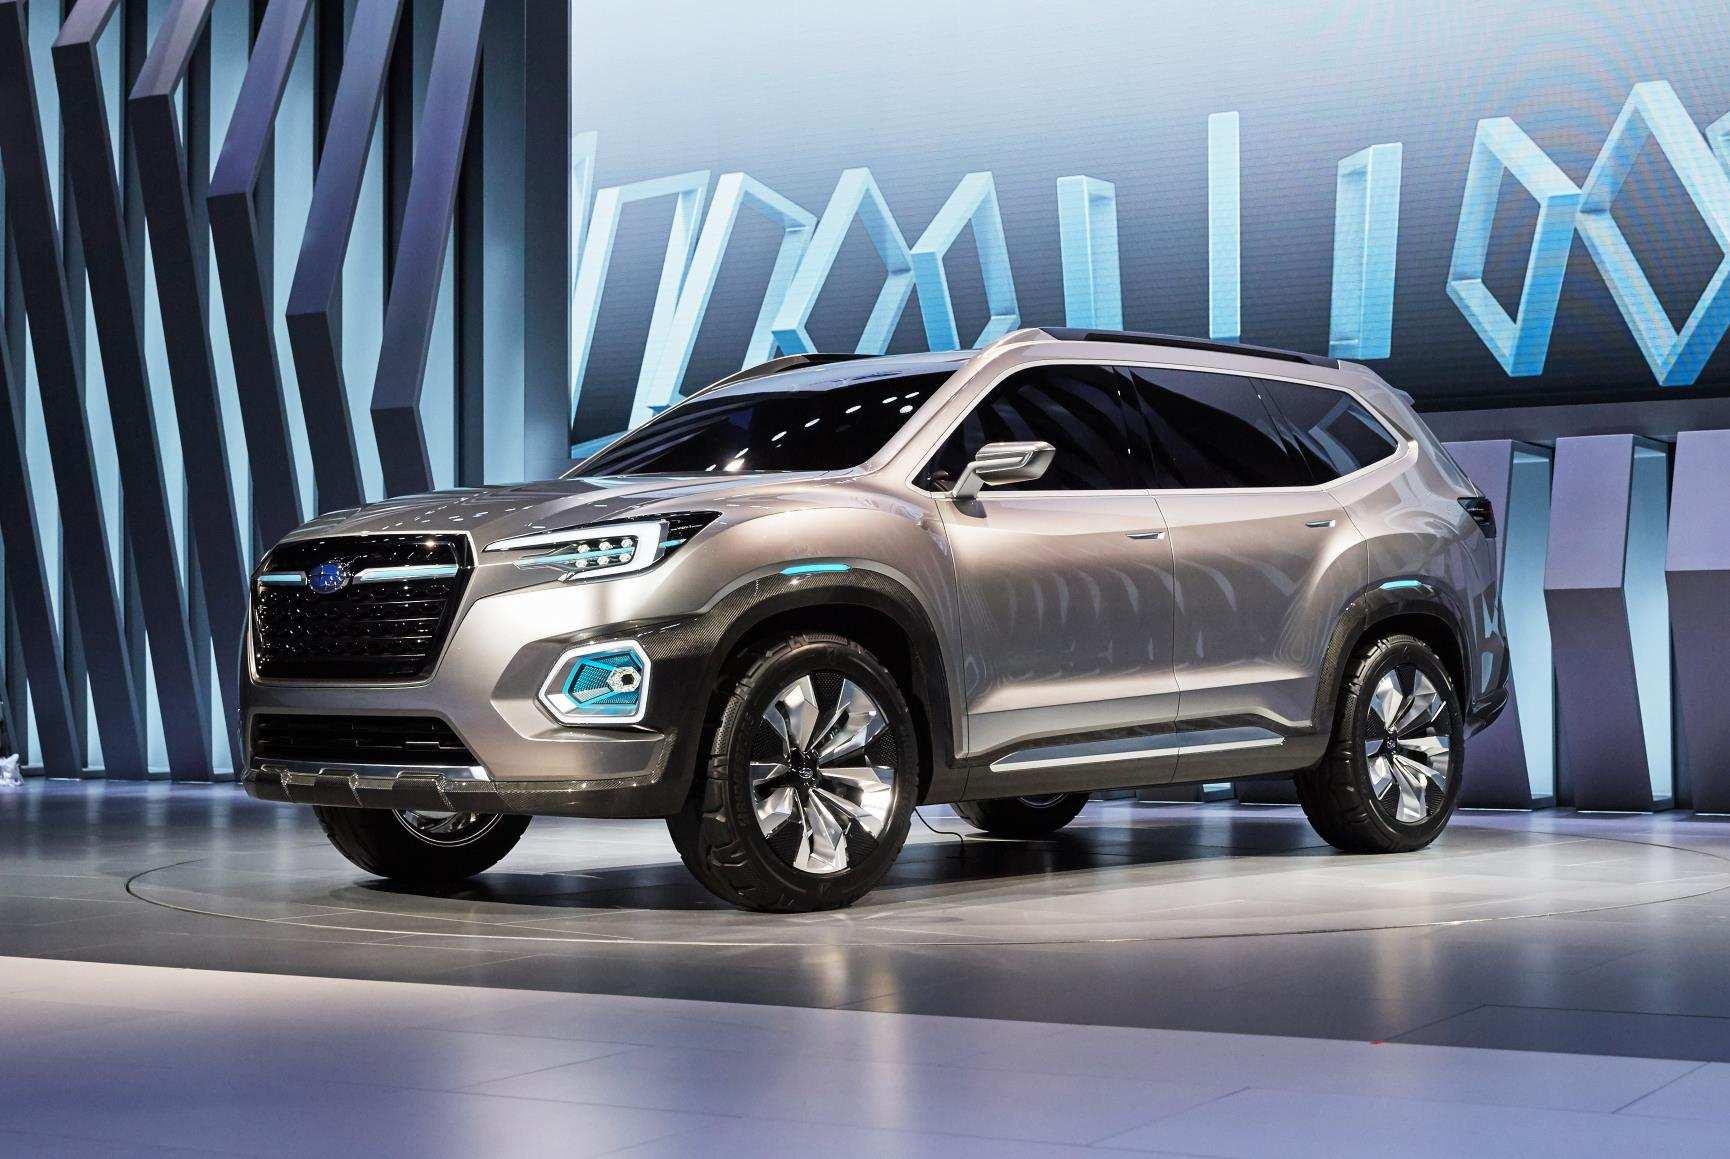 86 Concept of Subaru Tribeca 2019 Interior with Subaru Tribeca 2019